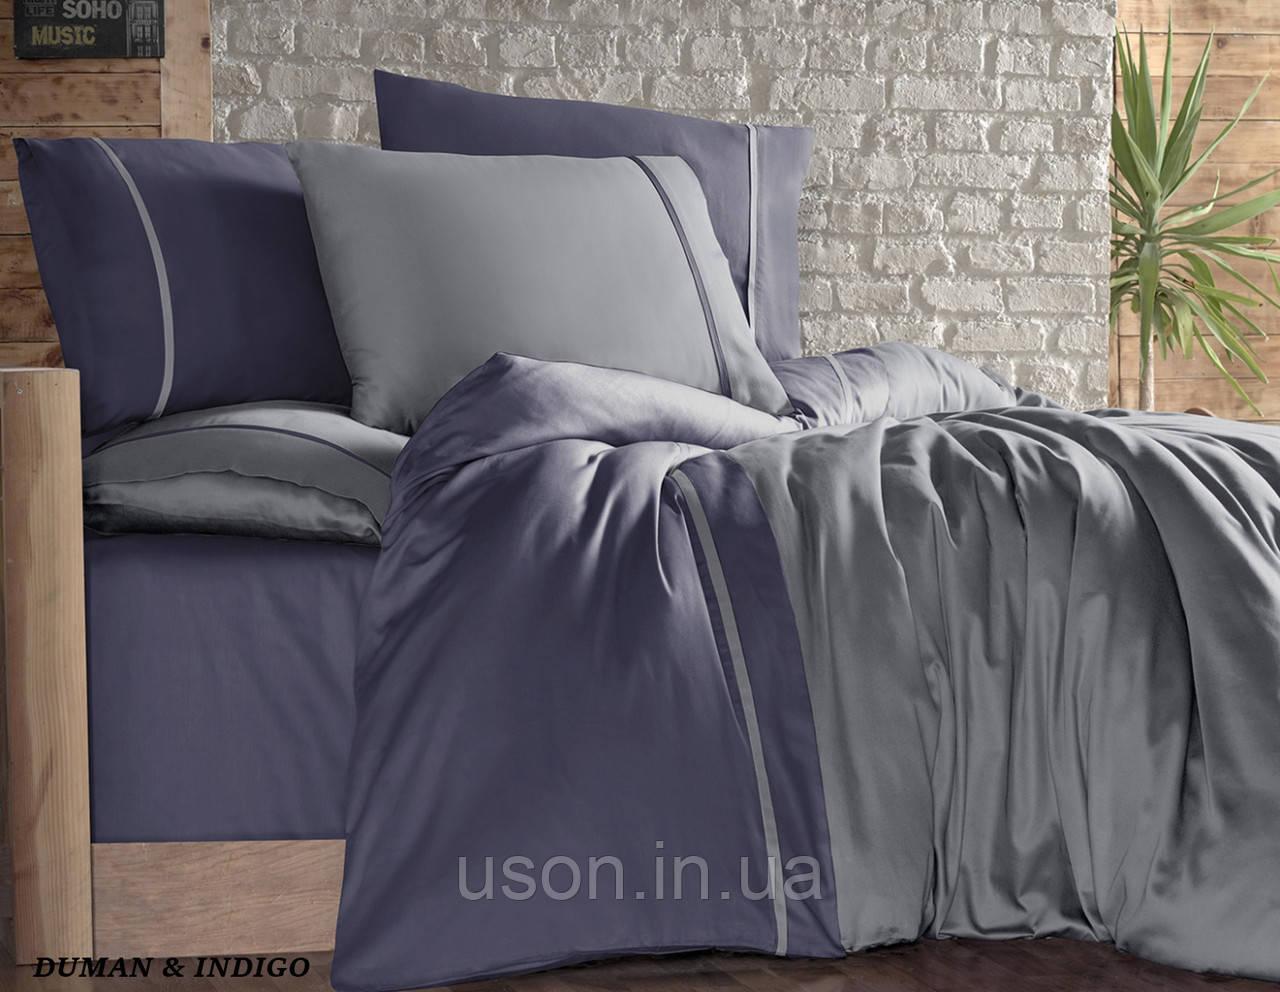 Комплект постельного белья сатин First Choice евро размер  Duman & Indigo